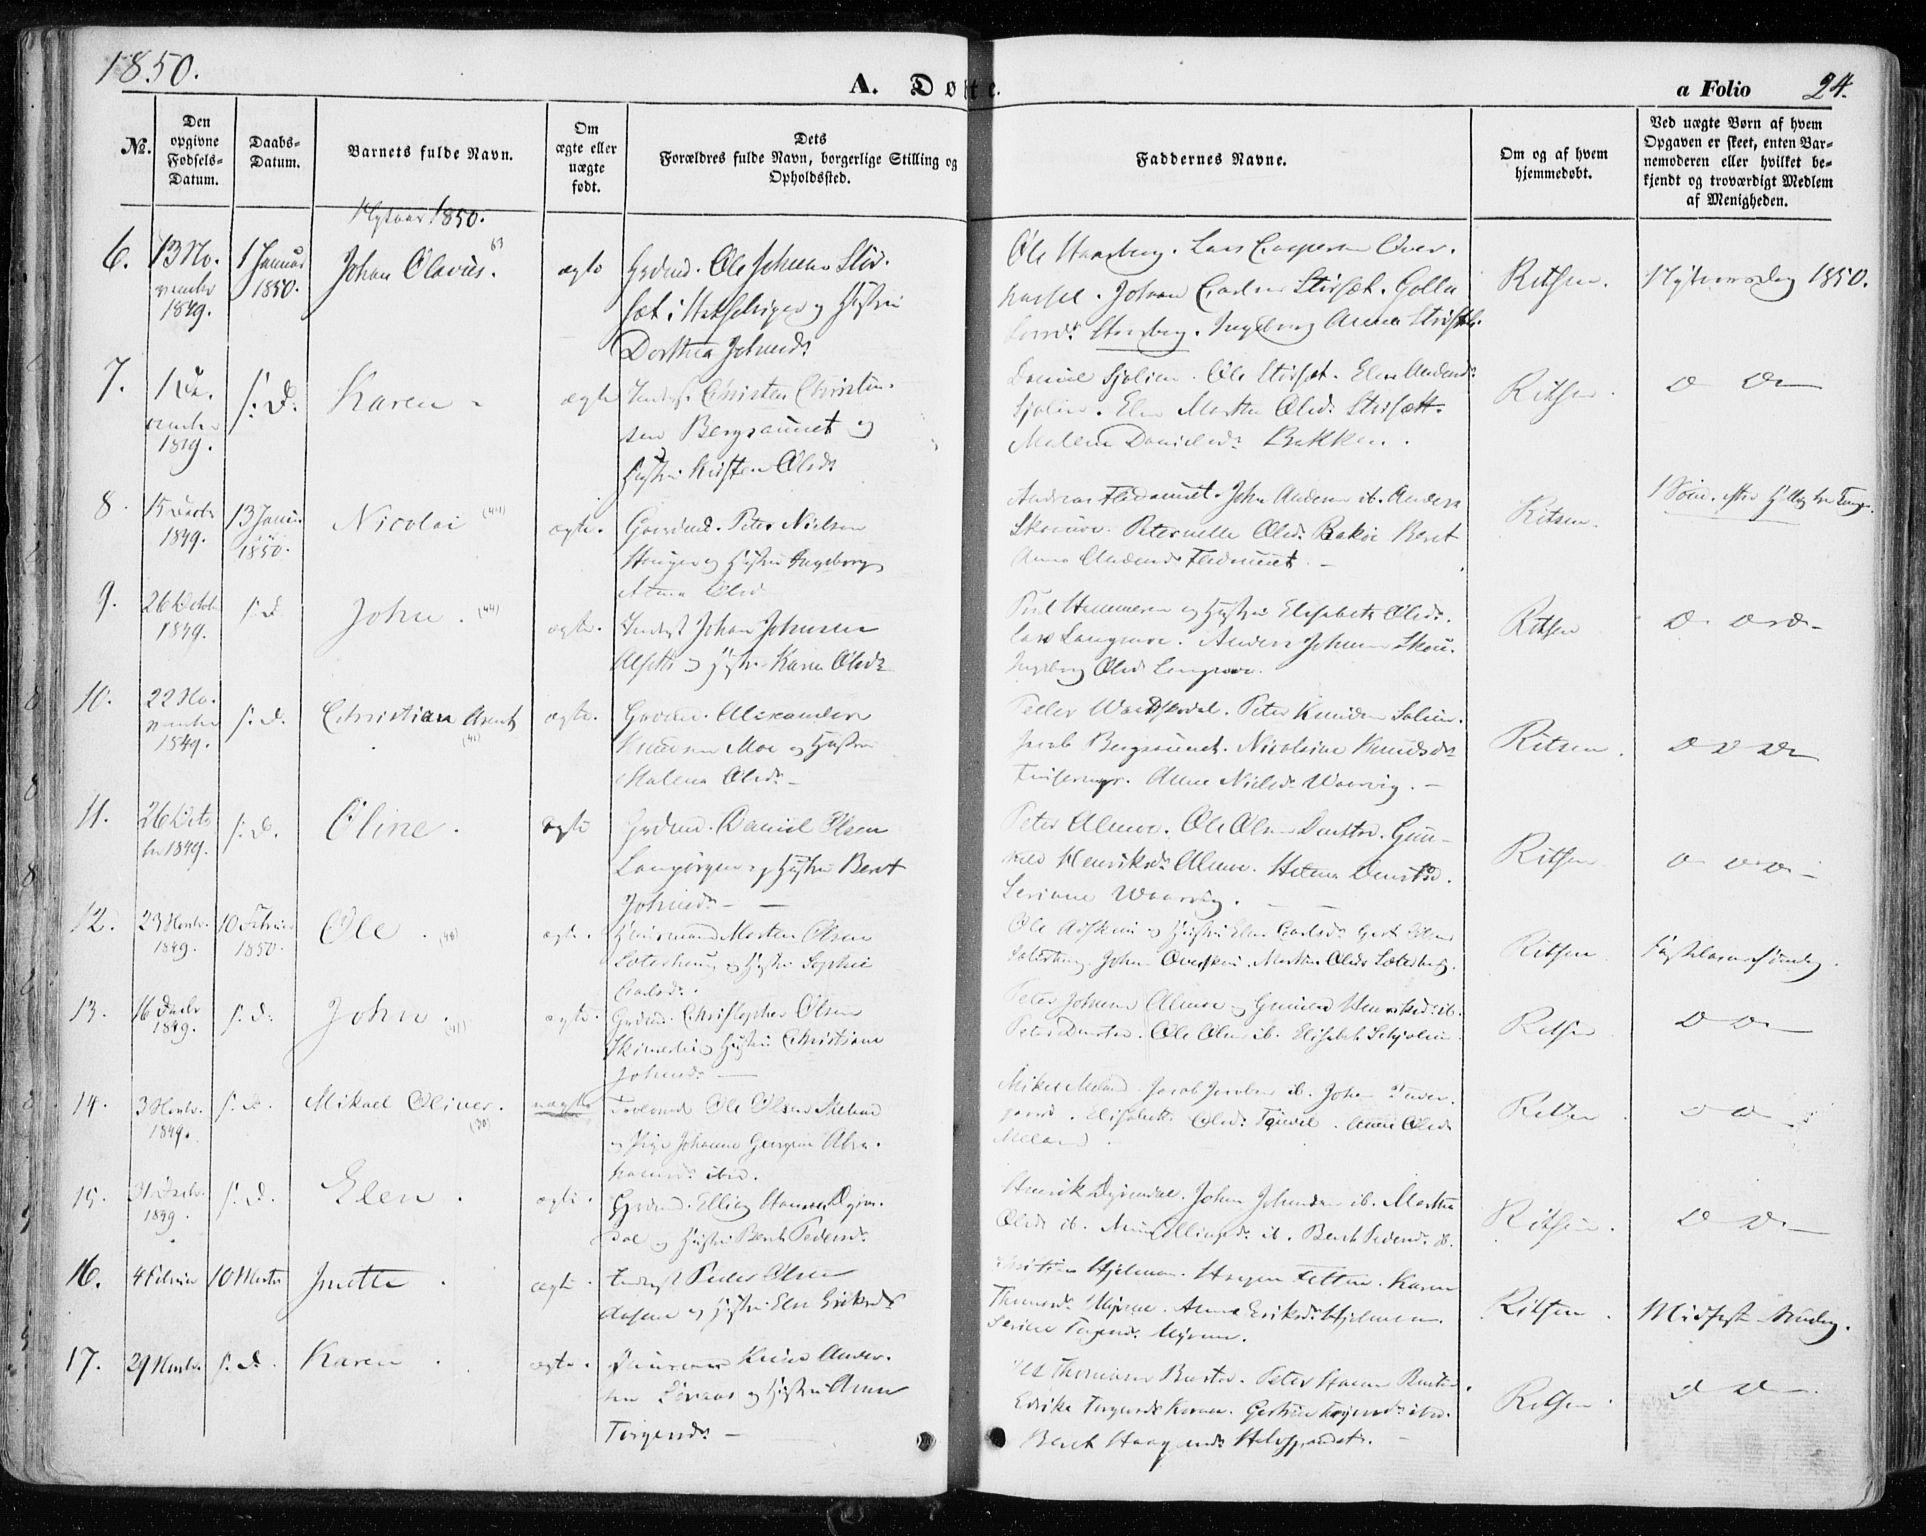 SAT, Ministerialprotokoller, klokkerbøker og fødselsregistre - Sør-Trøndelag, 646/L0611: Ministerialbok nr. 646A09, 1848-1857, s. 24